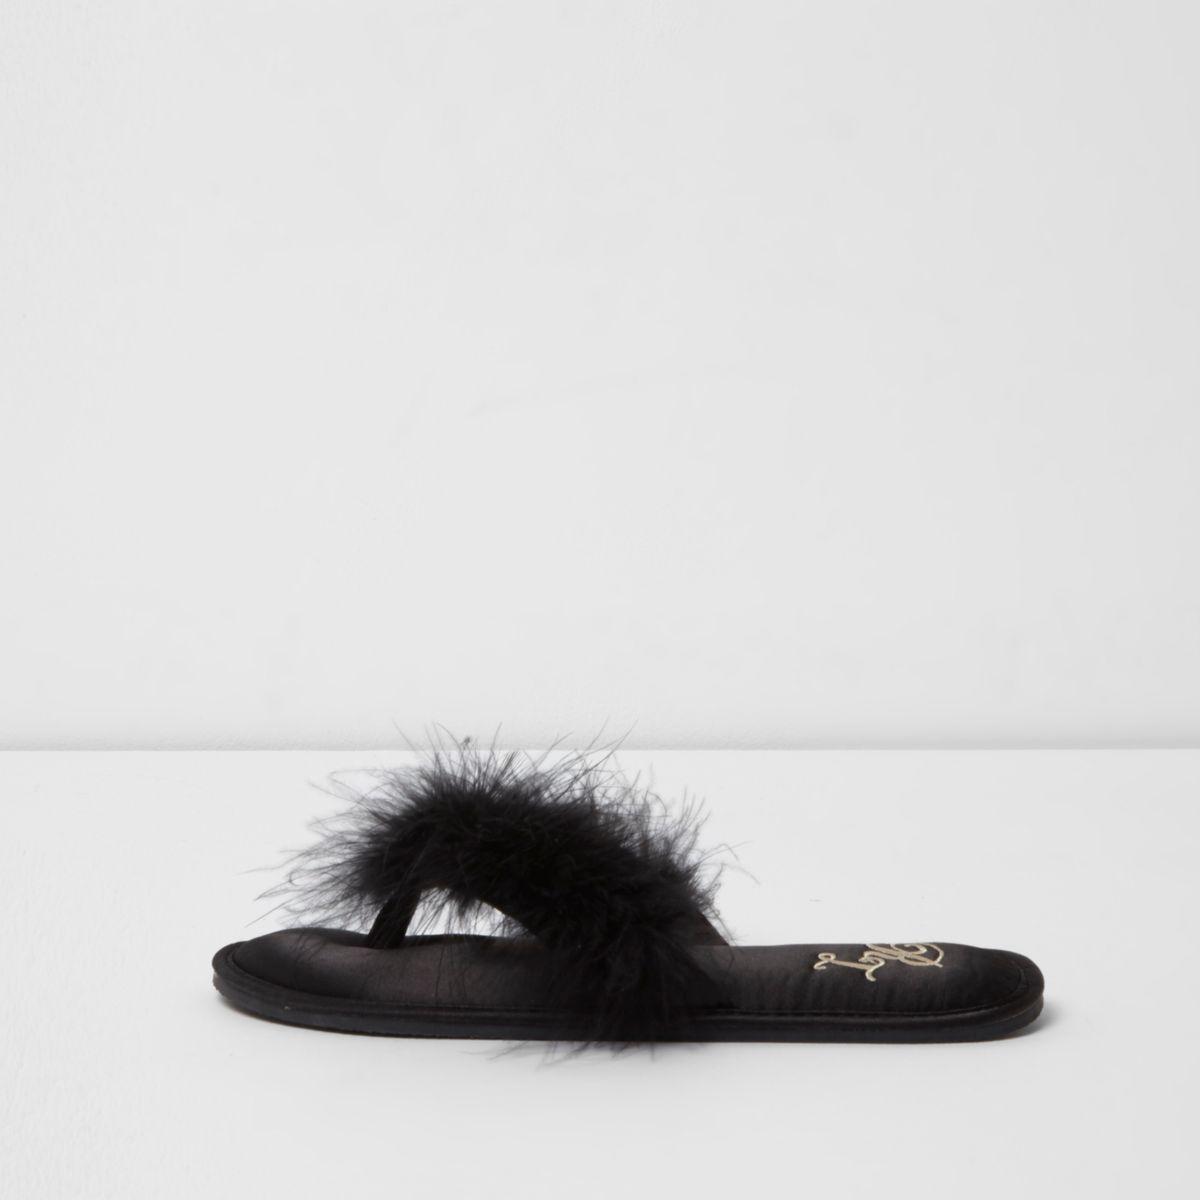 Chaussons noirs ornés de plumes style nu-pieds